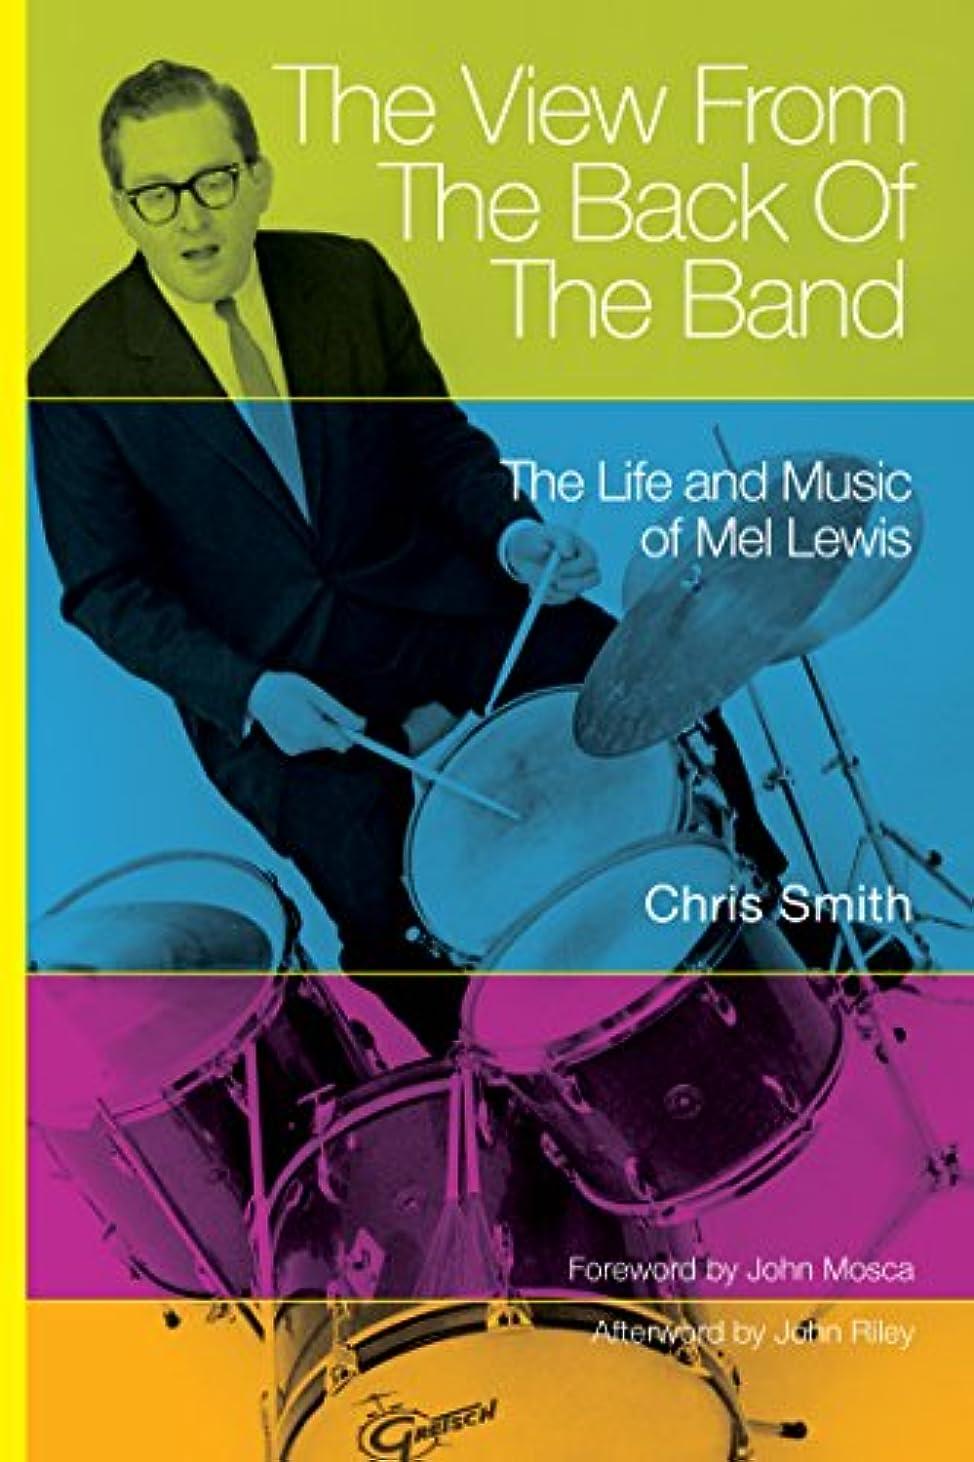 ヘビ落胆させる先例The View from the Back of the Band: The Life and Music of Mel Lewis (North Texas Lives of Musician Series Book 10) (English Edition)